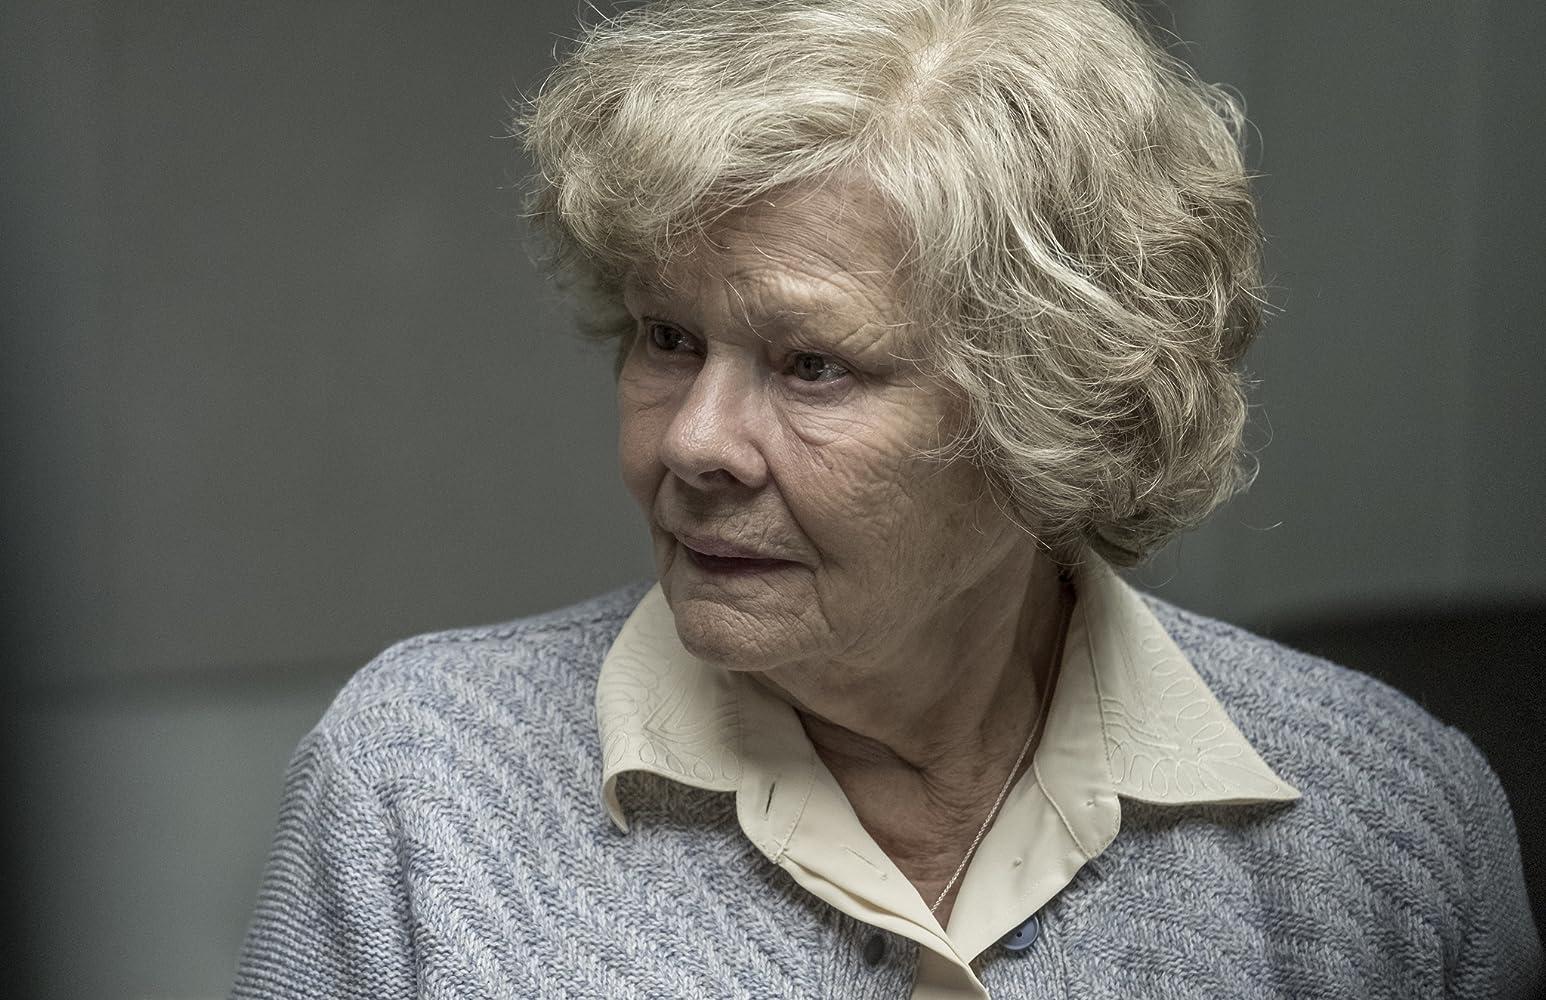 Judi Dench in Red Joan (2018)